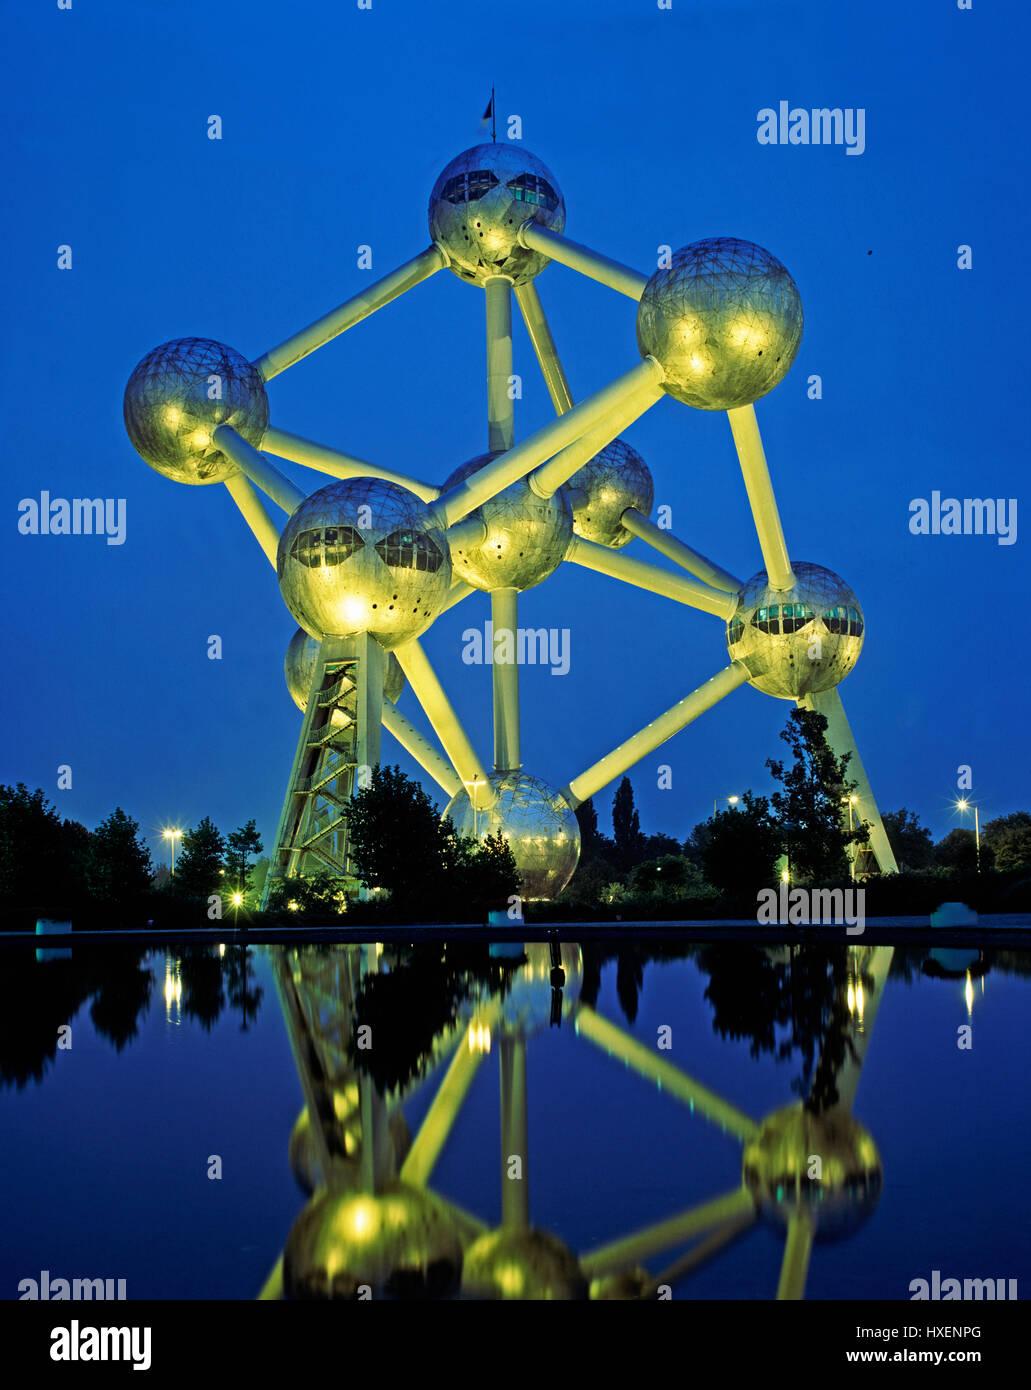 The Atomium, Brussels, Belgium. - Stock Image